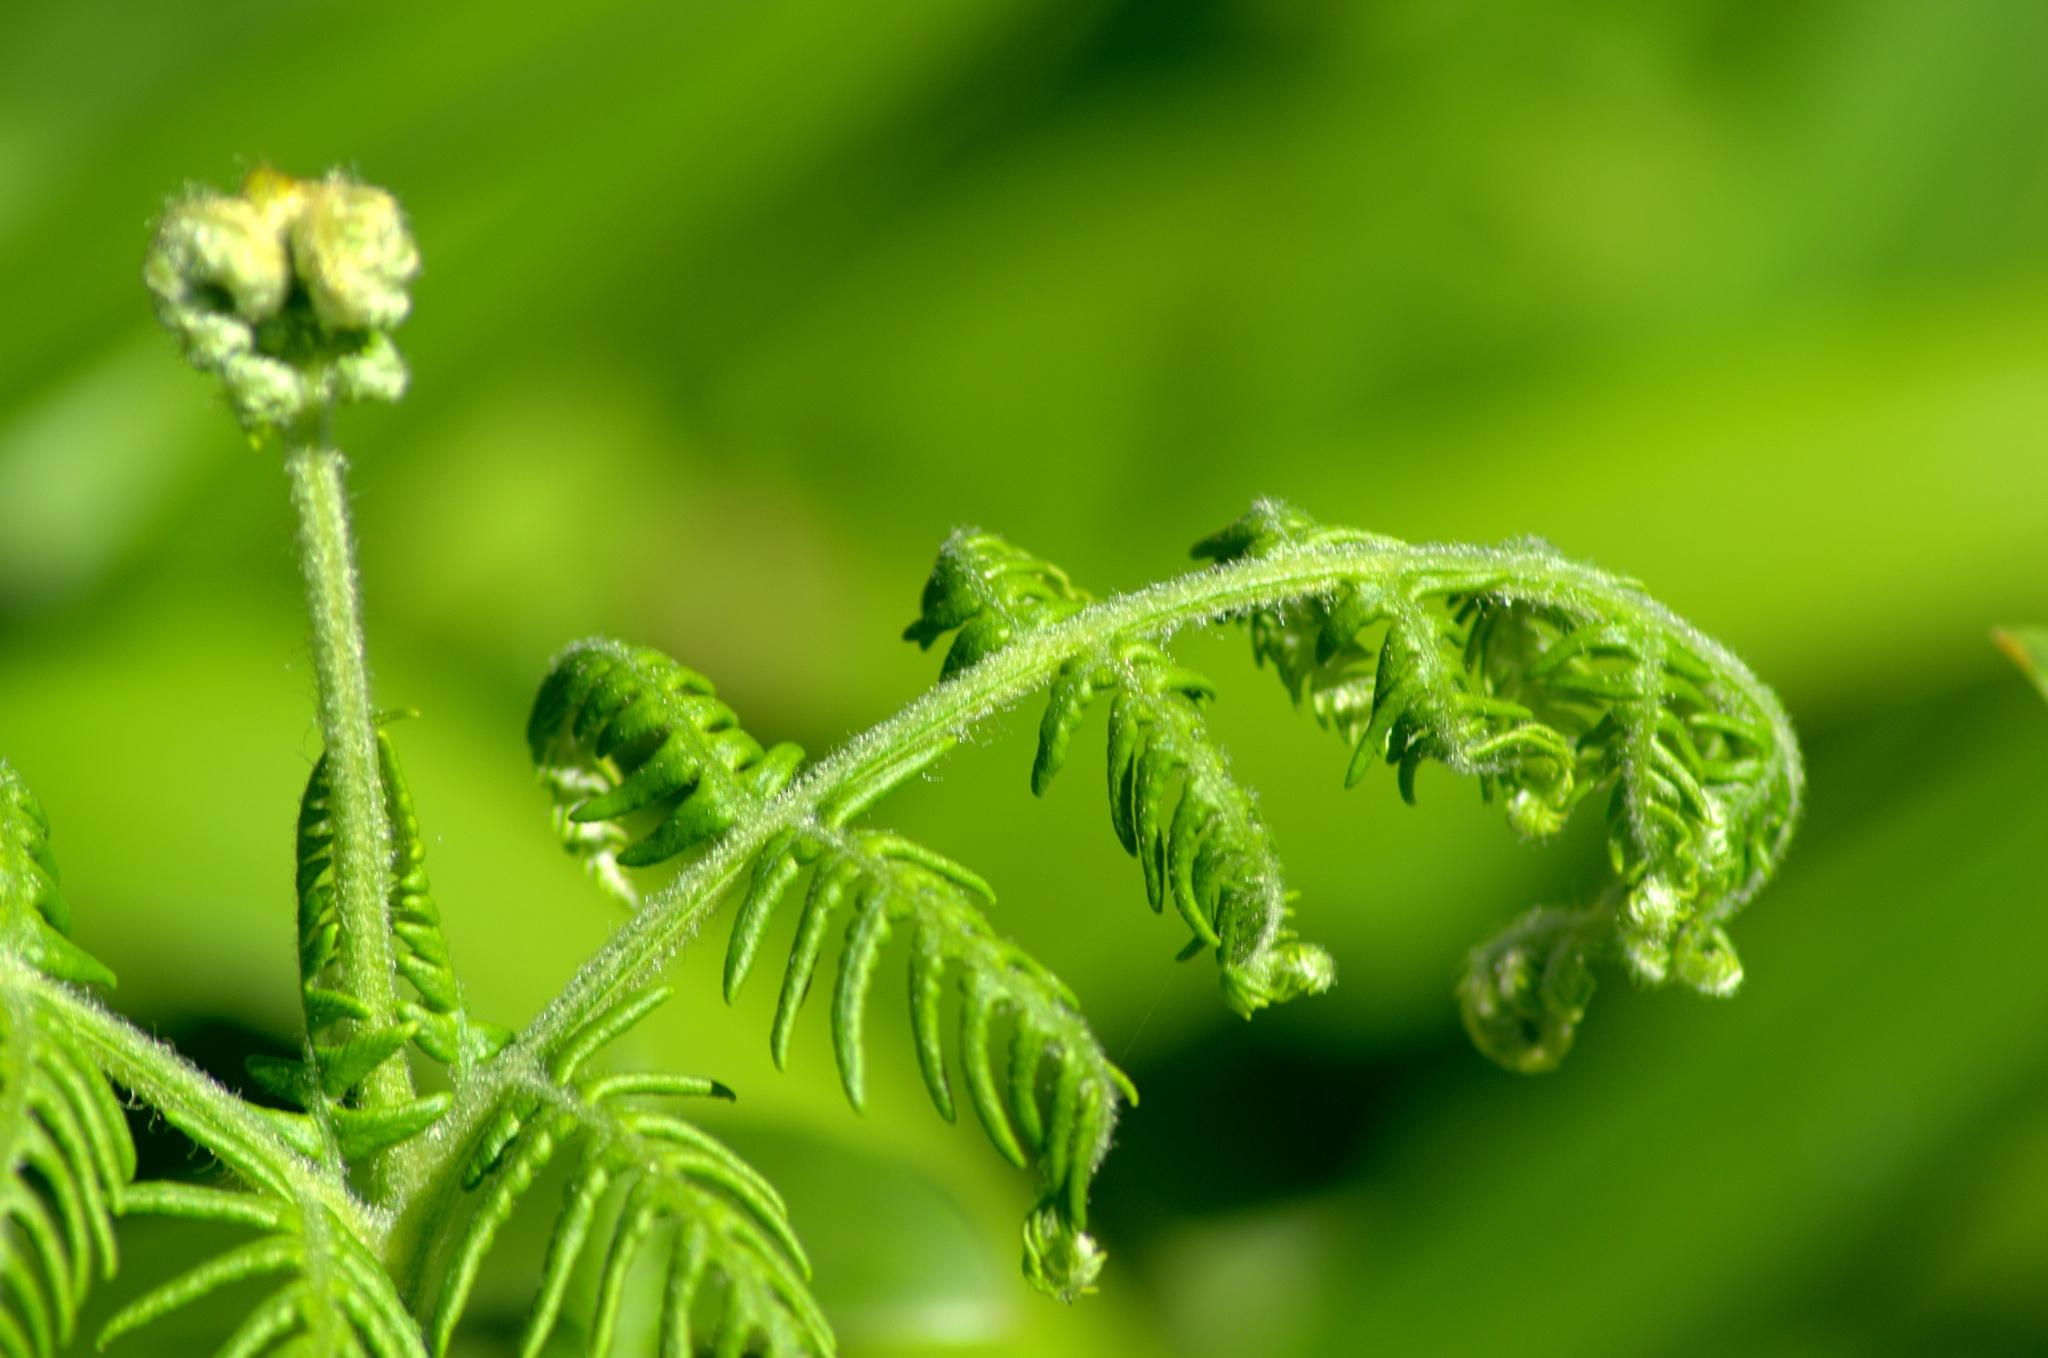 green by Saravanan Veeru